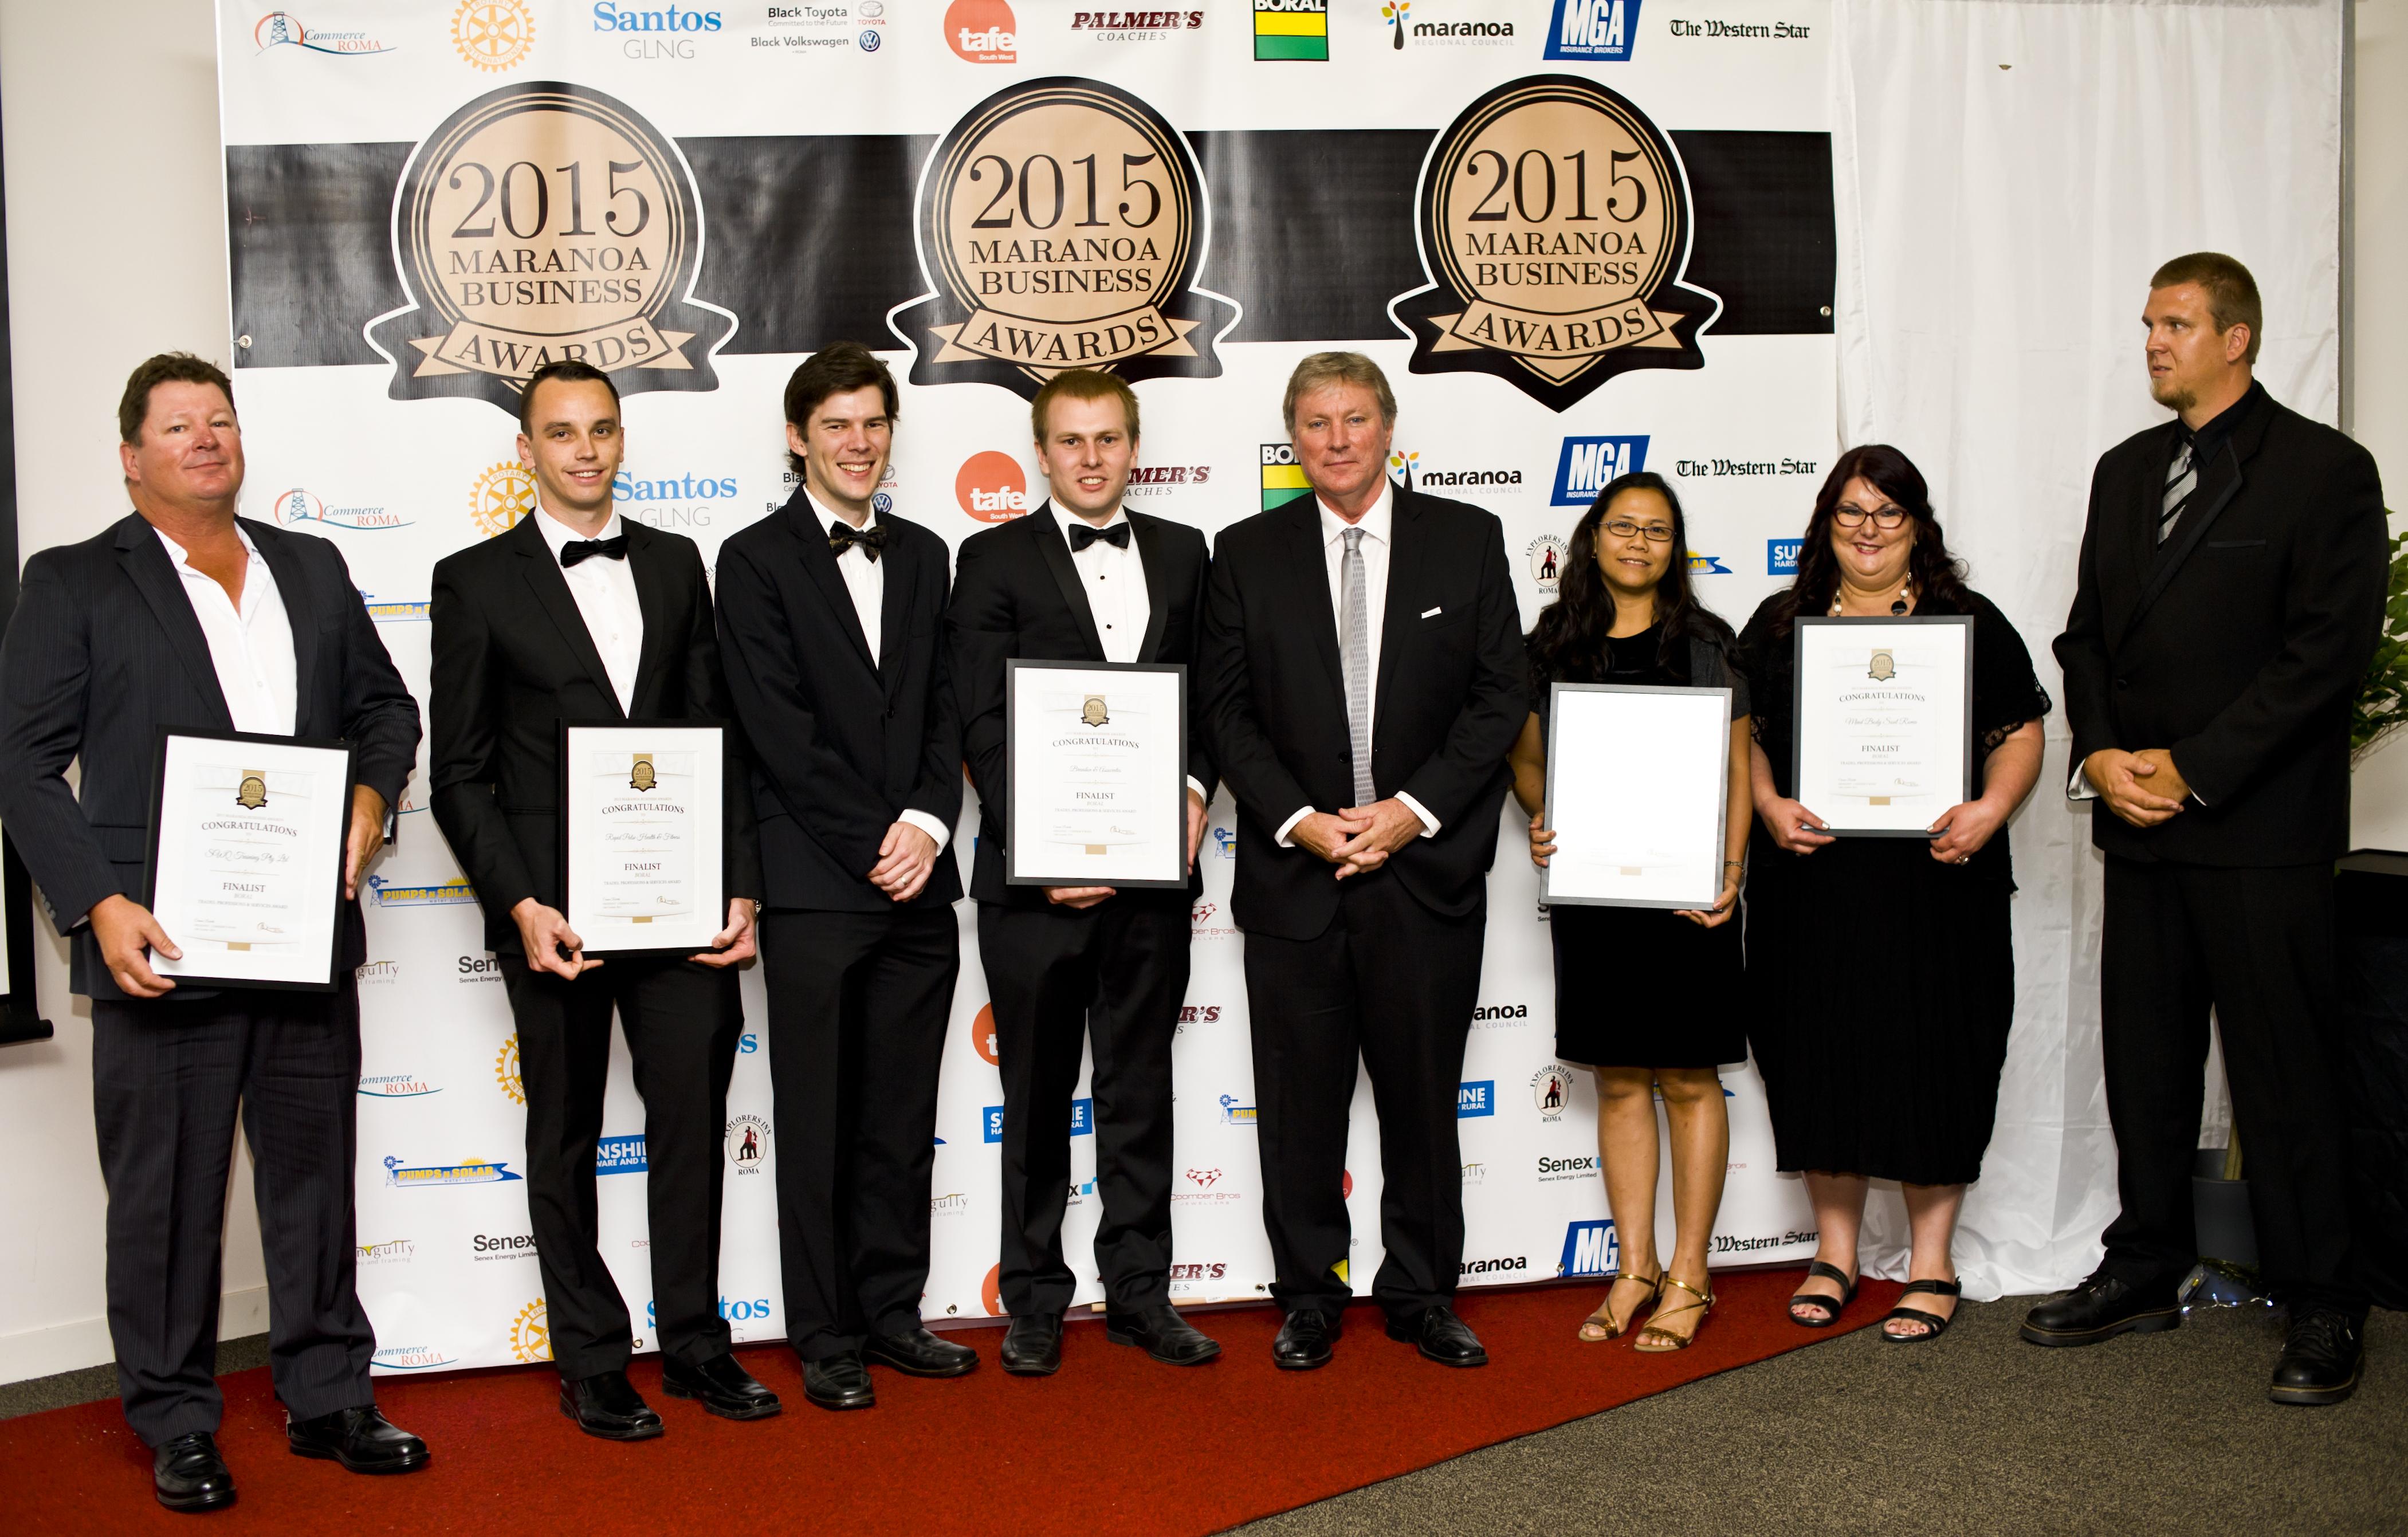 051_Maranoa Bus Awards